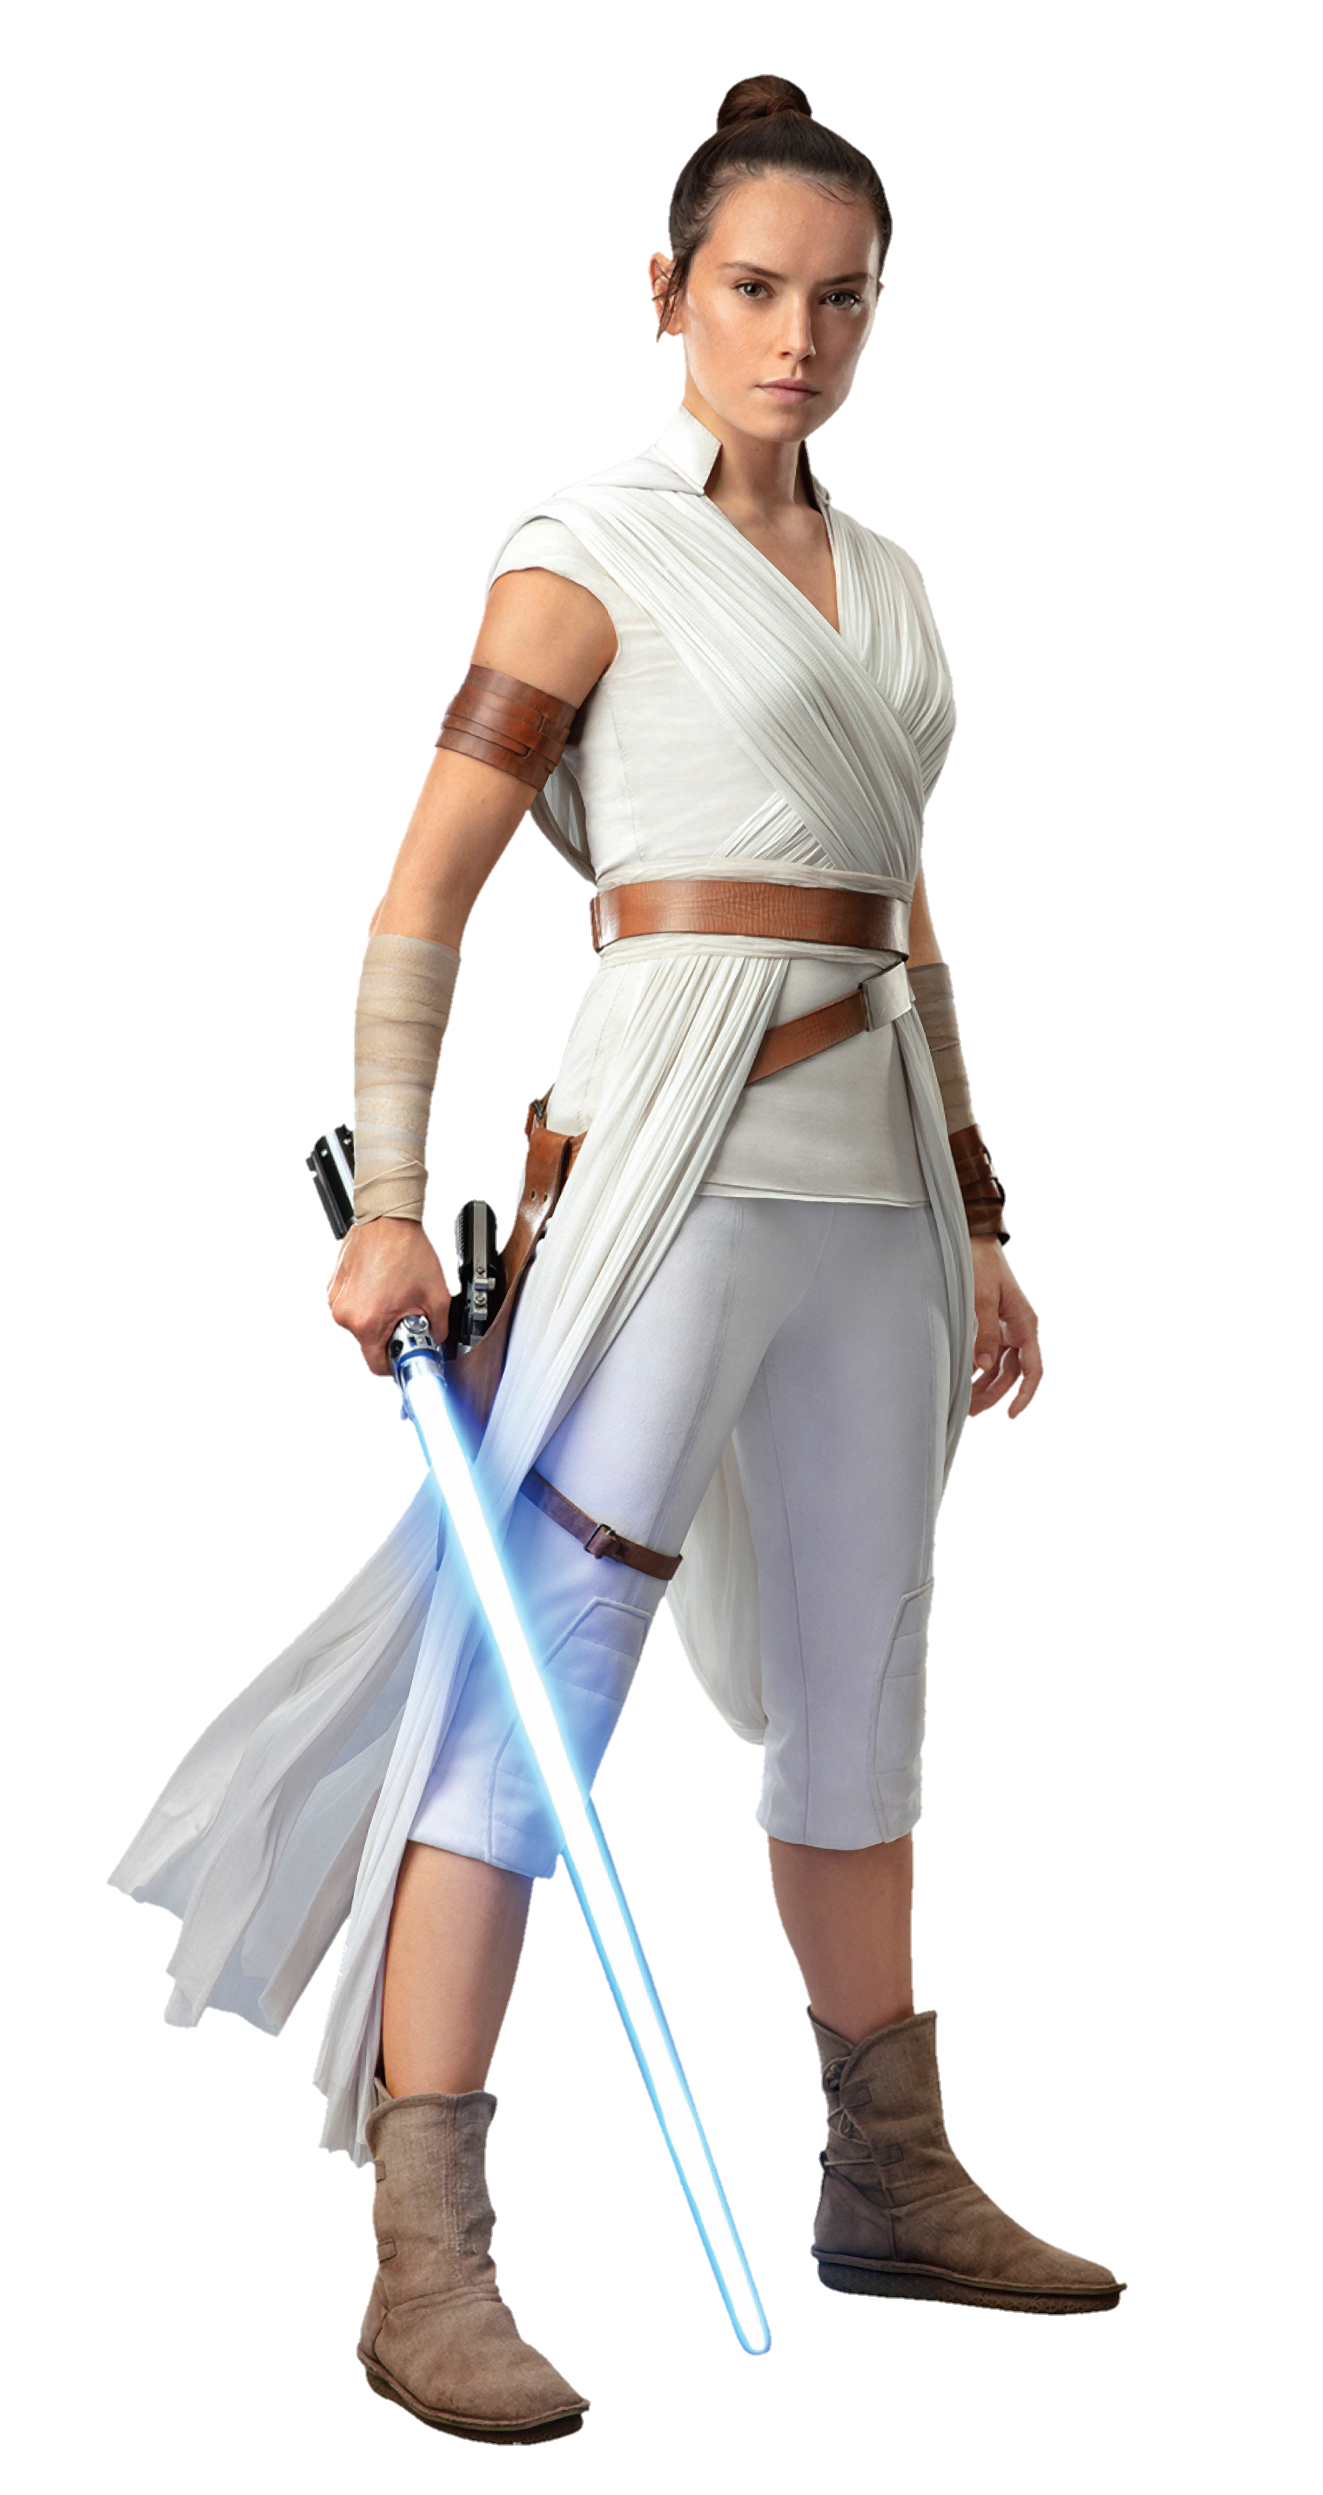 Star Wars Rise Of Skywalker Rey Png By Metropolis Hero1125 On Deviantart